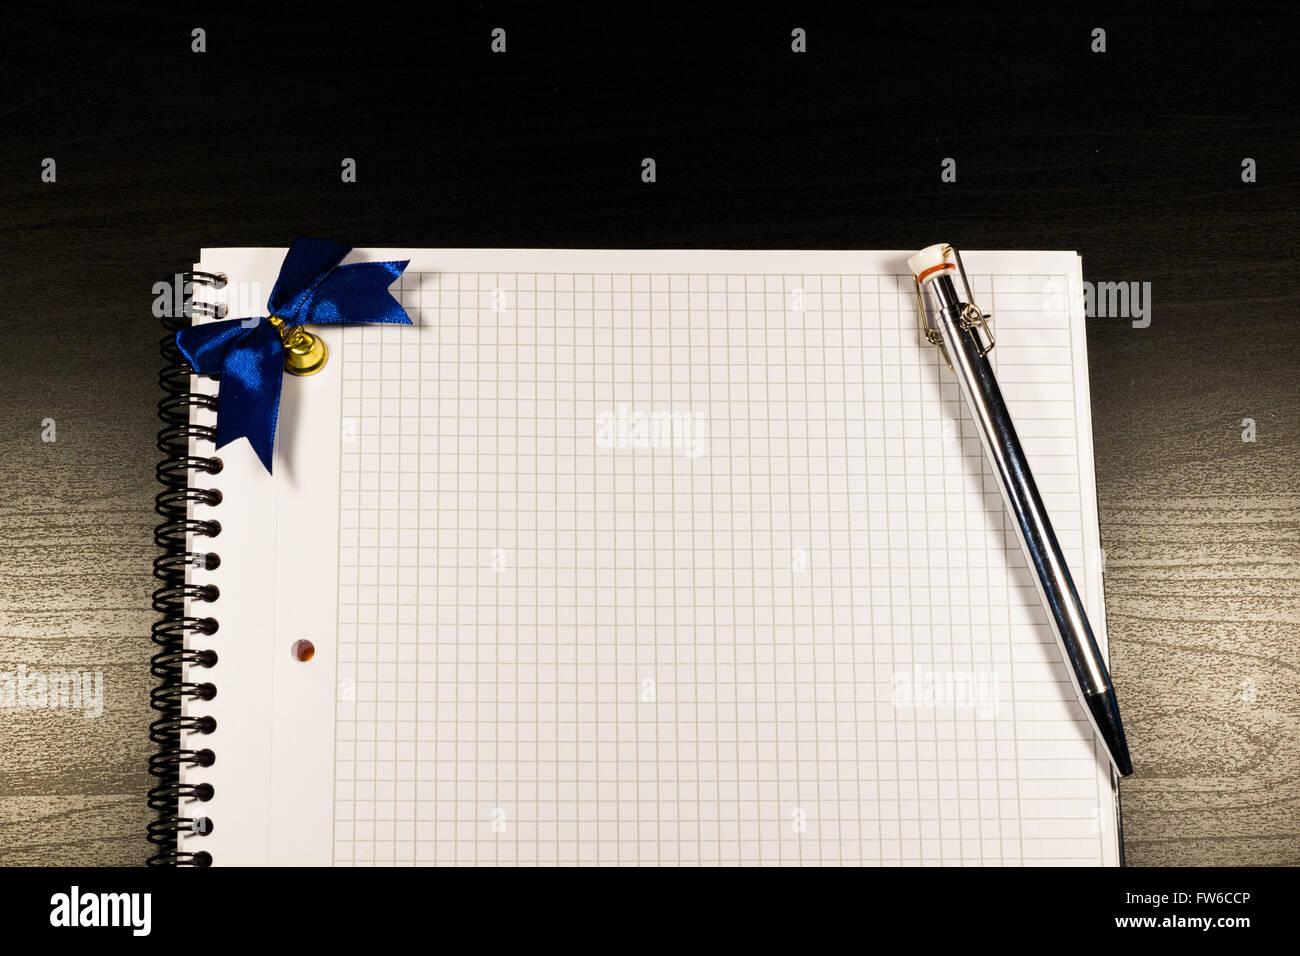 Notebook mit leeren Seiten öffnen und Bleistift auf schwarzem Hintergrund aus Holz Stockfoto